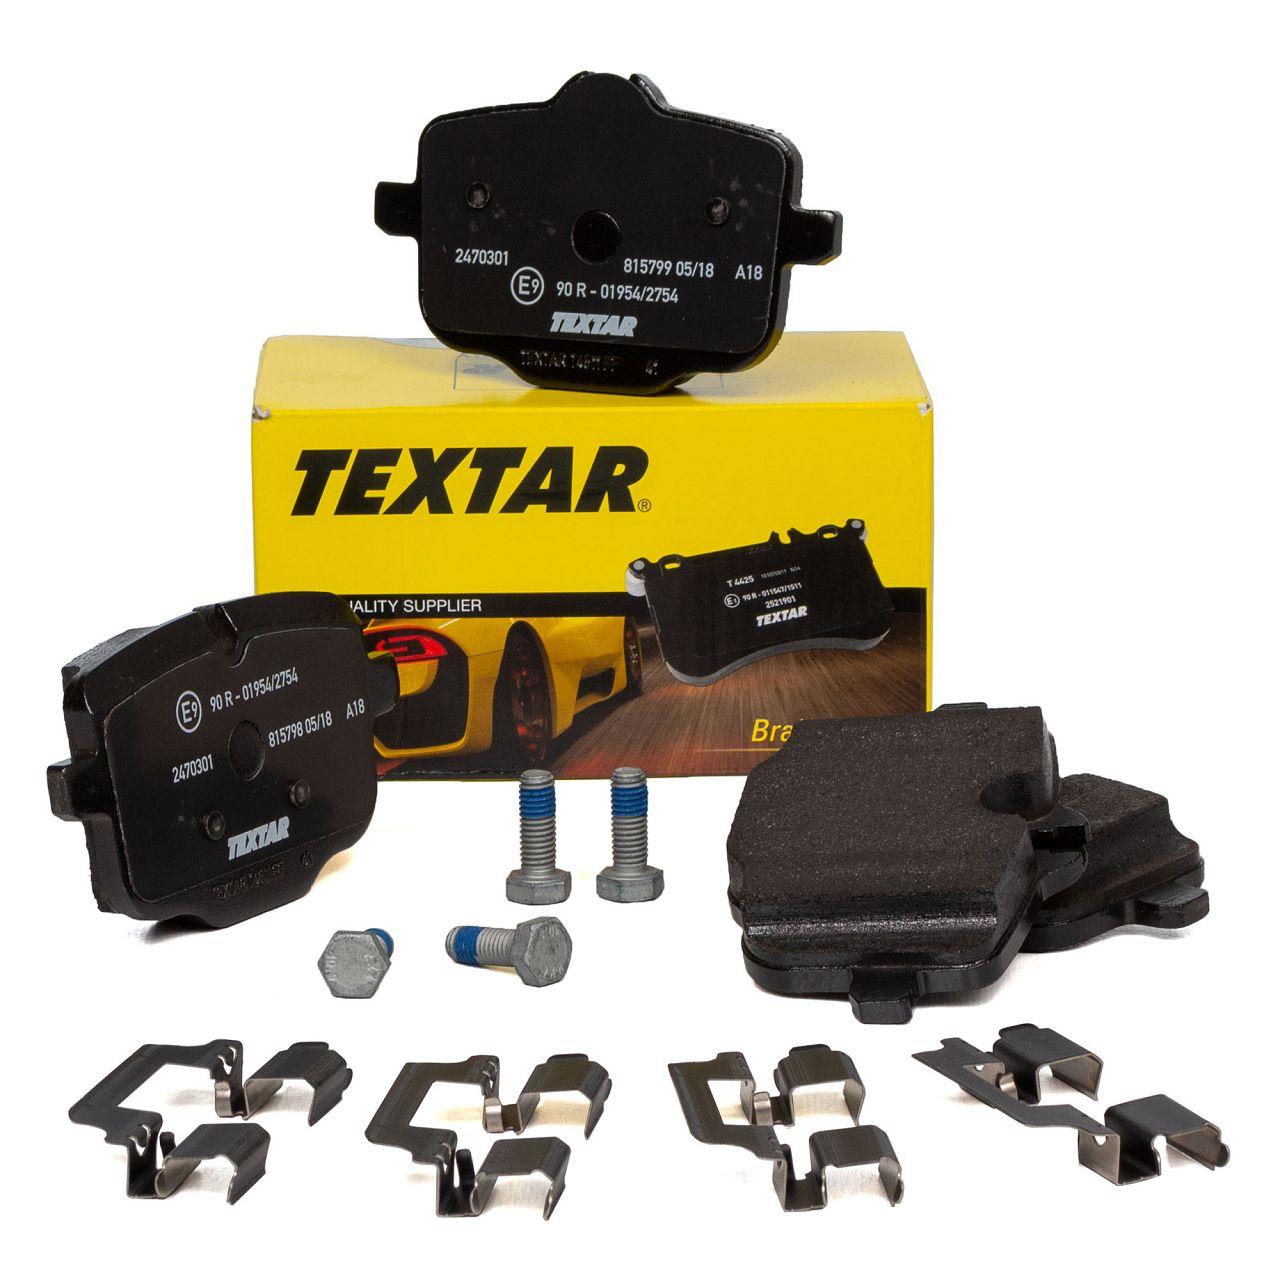 TEXTAR Bremsbeläge für BMW 5er F10 F18 F11 6er F12 F13 F06 7er F11 G12 hinten